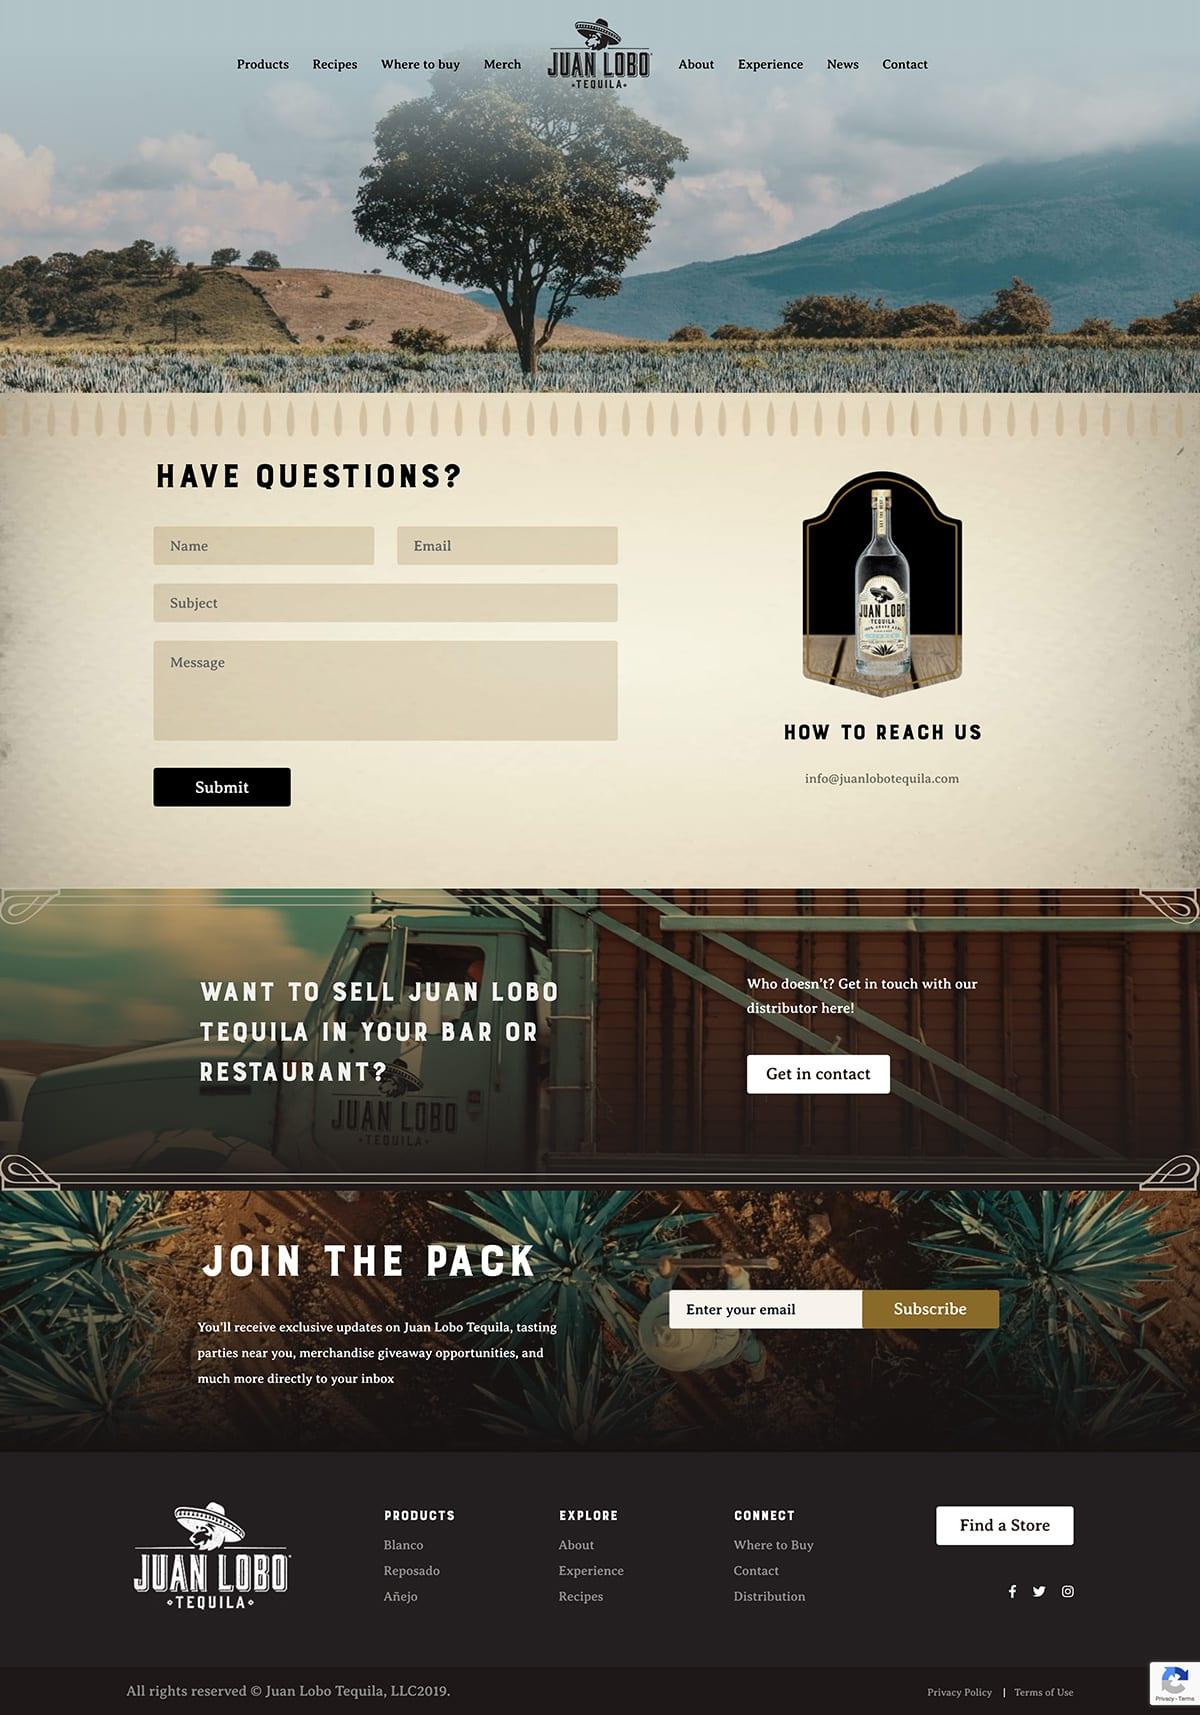 Juan Lobo Tequila Website Contact Page